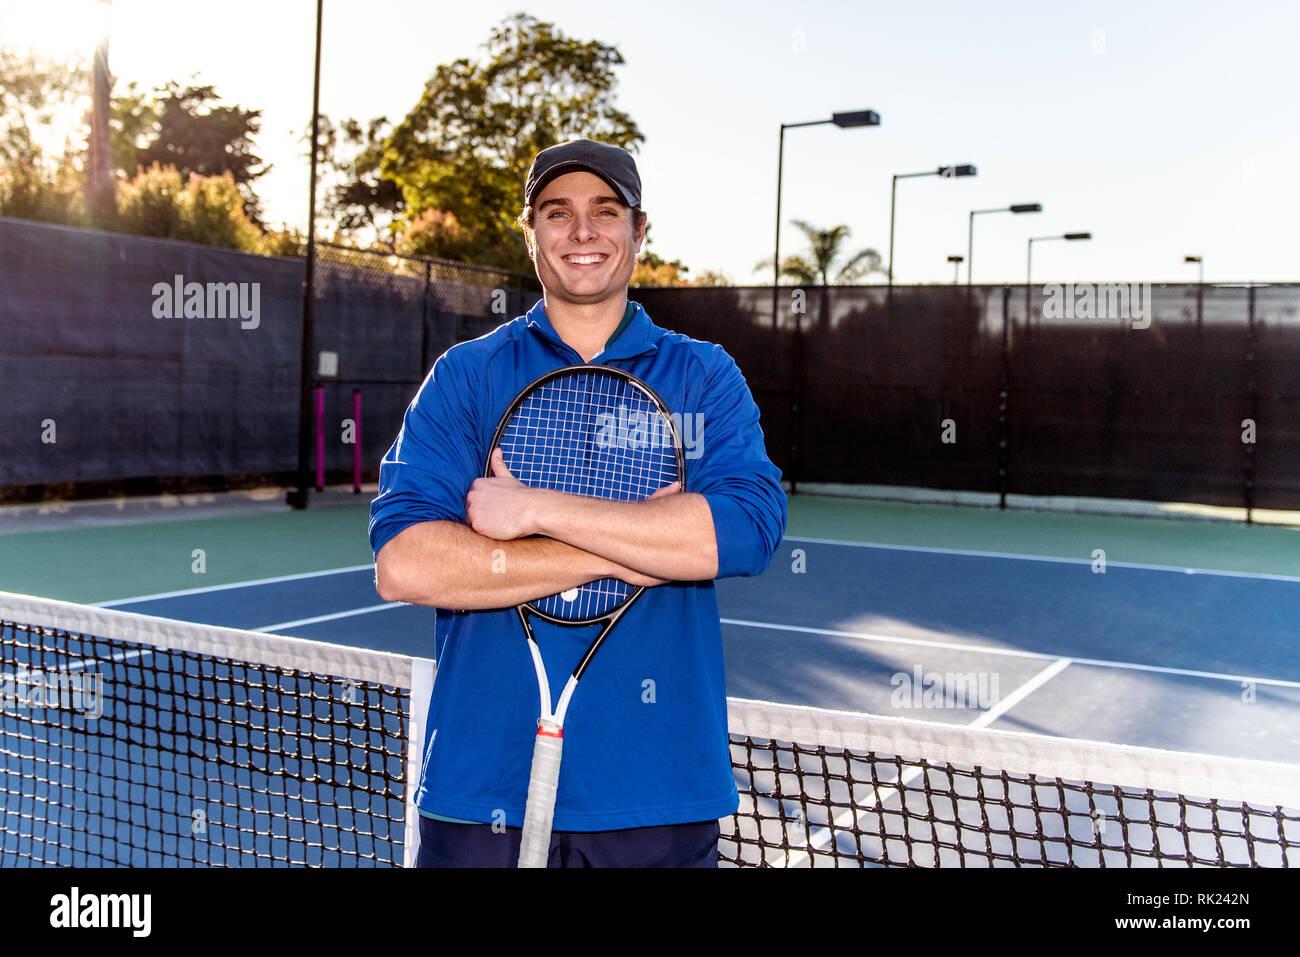 Joven y de buena apariencia de tenis profesional docente mostrando la sonrisa y la expresión feliz en la cancha de tenis. Foto de stock